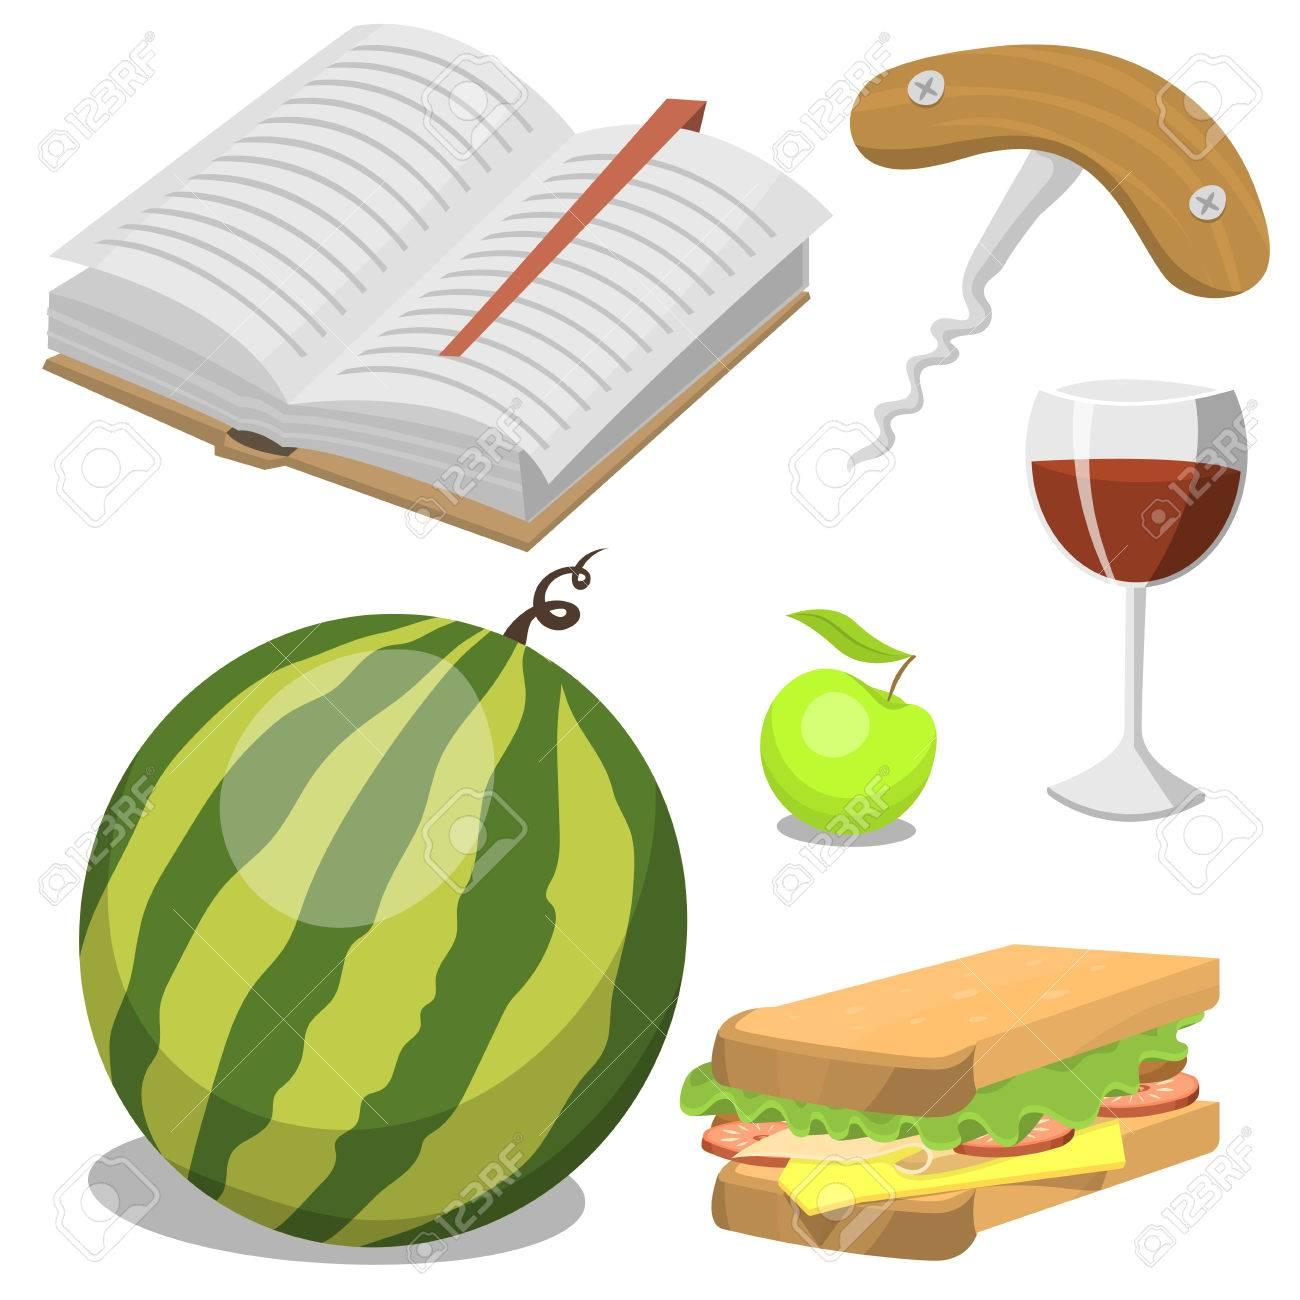 食品リラックス休暇コンテナー ランチ夏食事ベクトル イラスト付きピクニック バスケット